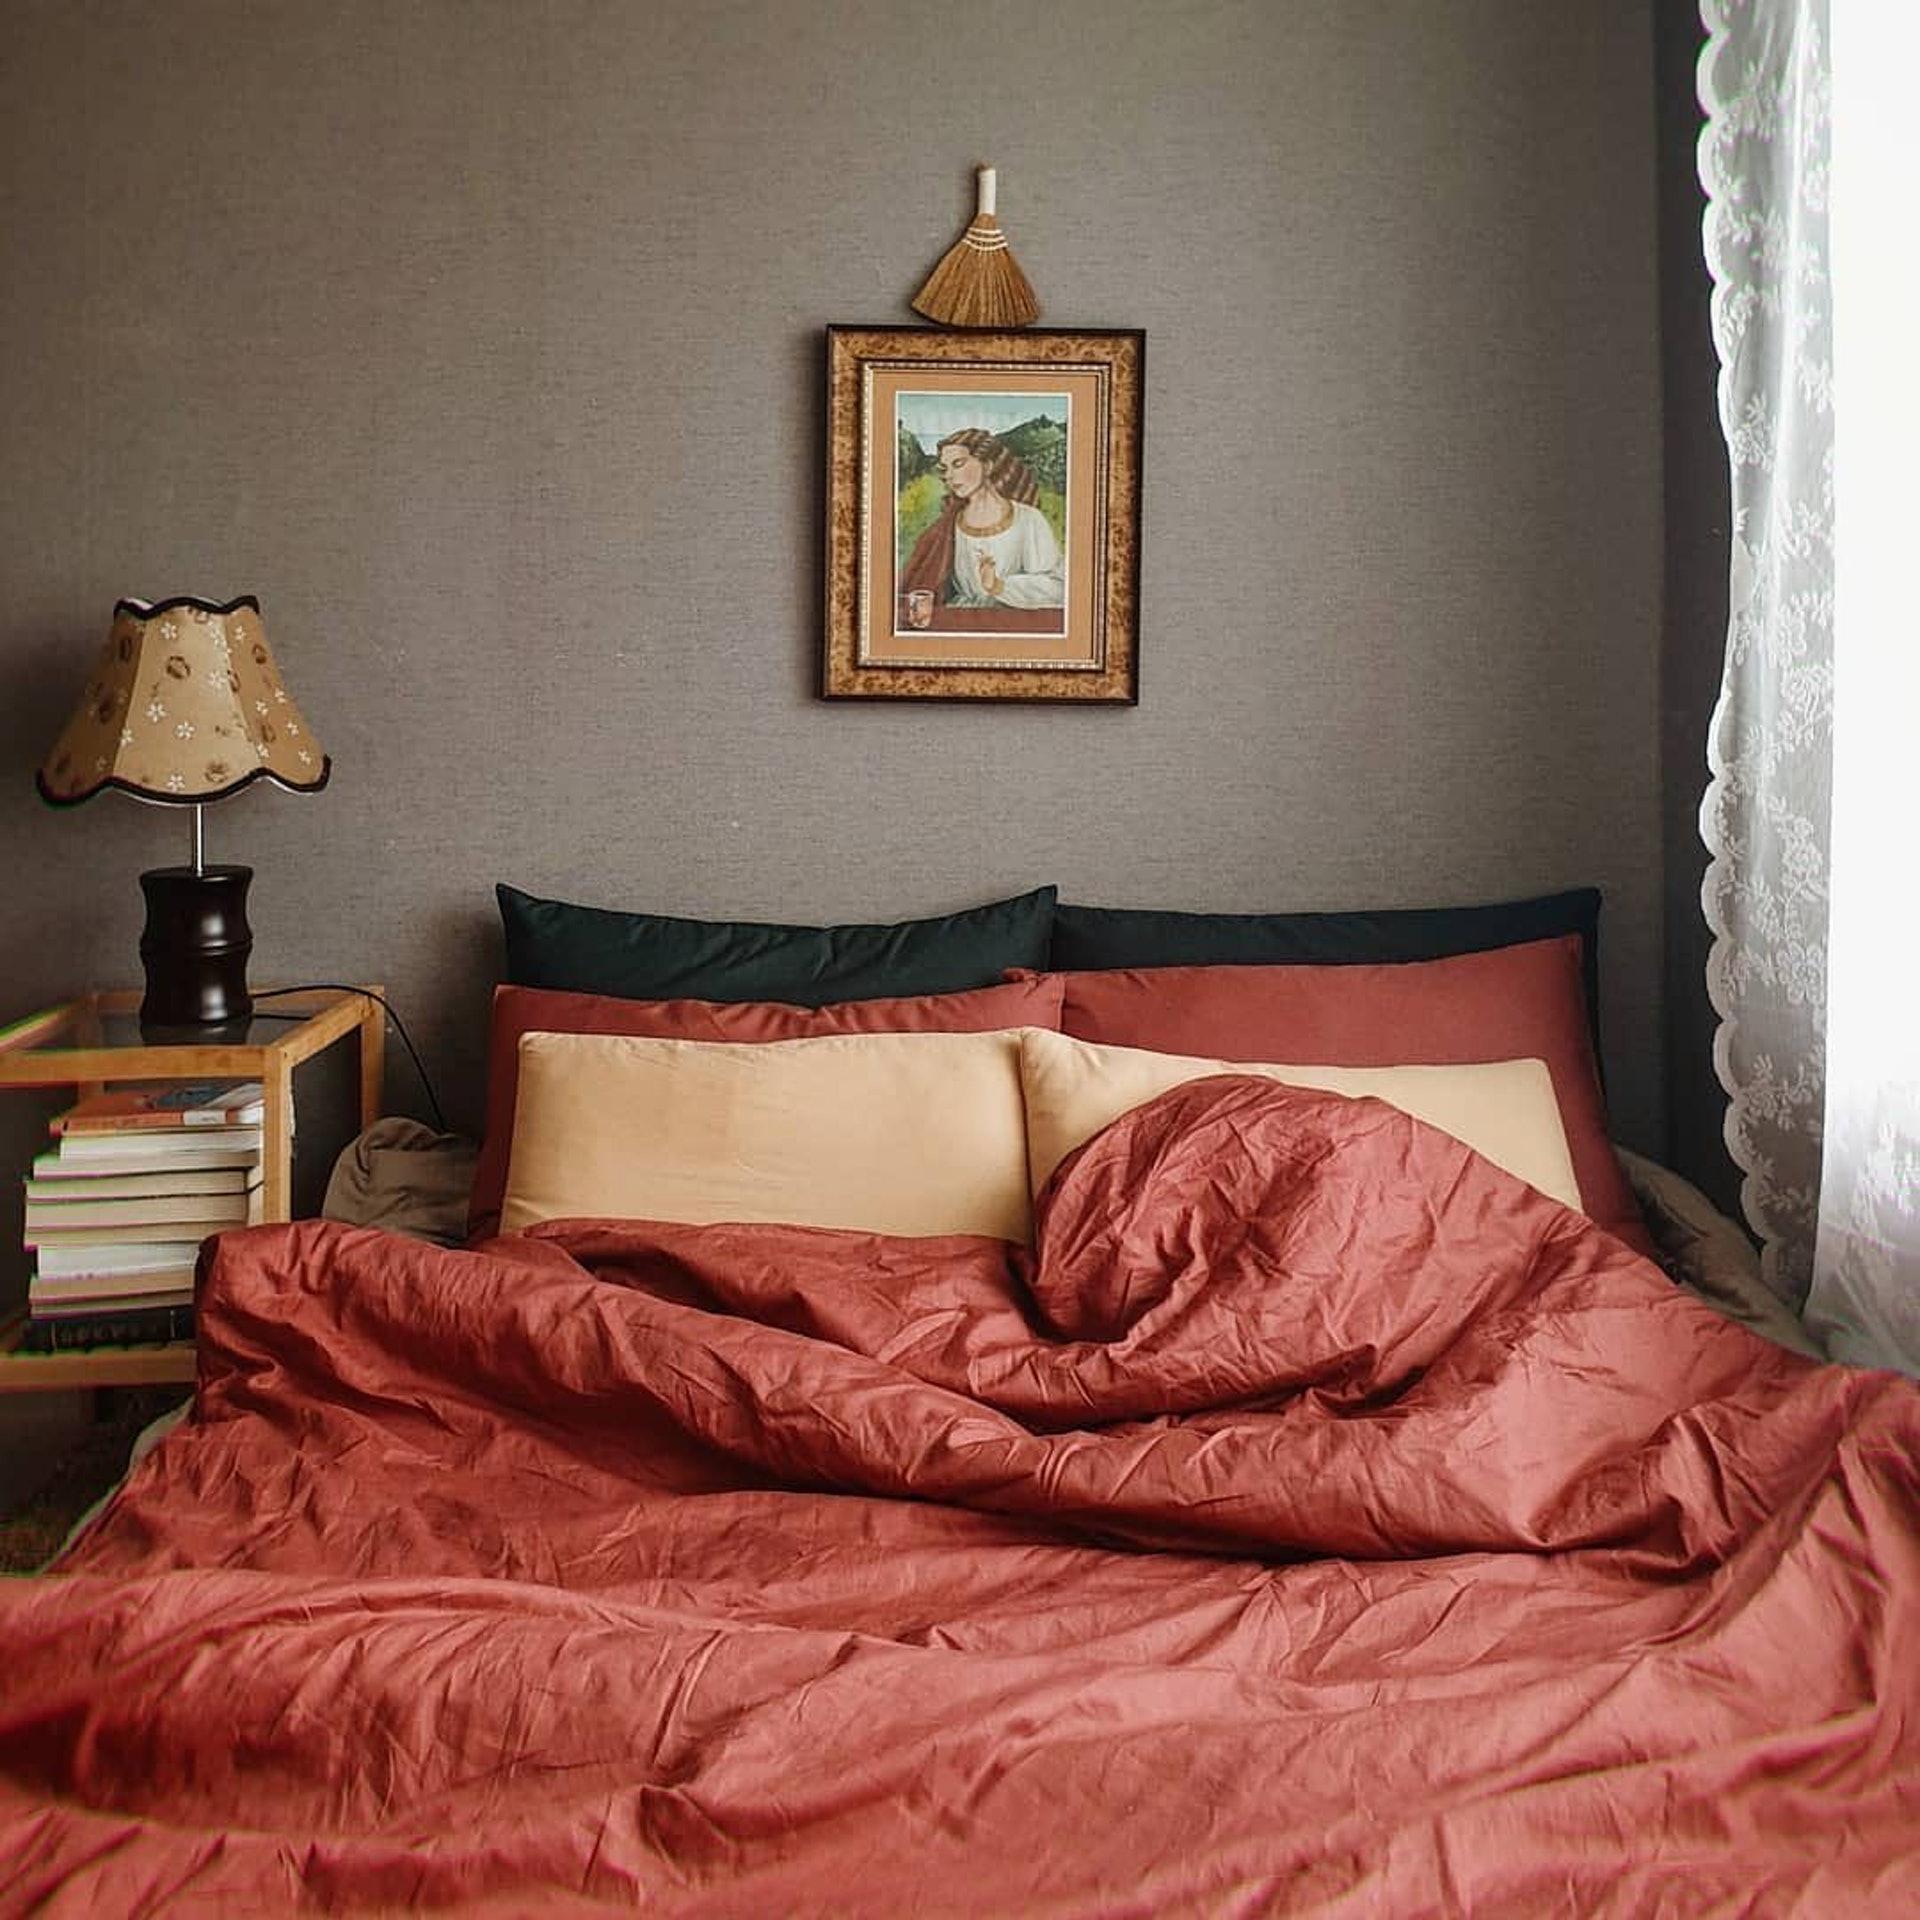 淡粉色的加入能使房間看起來更加活潑,簡單又不過於雜亂,還能散發出專屬女人的知性魅力。/© Instagram (@chance_deco)